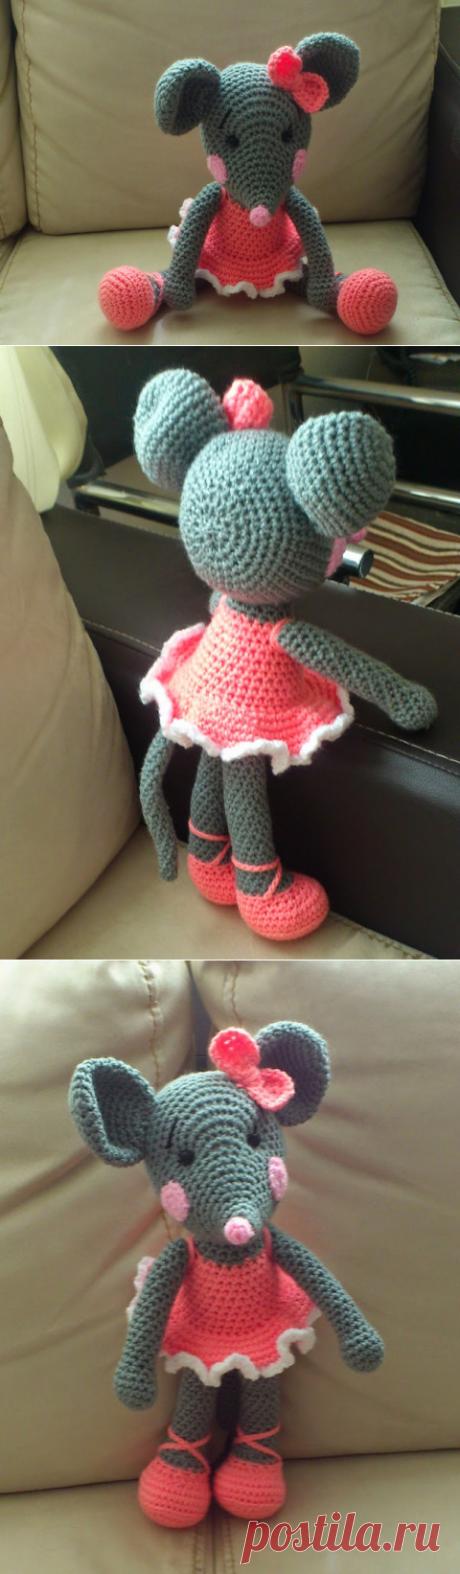 Мышка балерина амигуруми. Схема вязания.